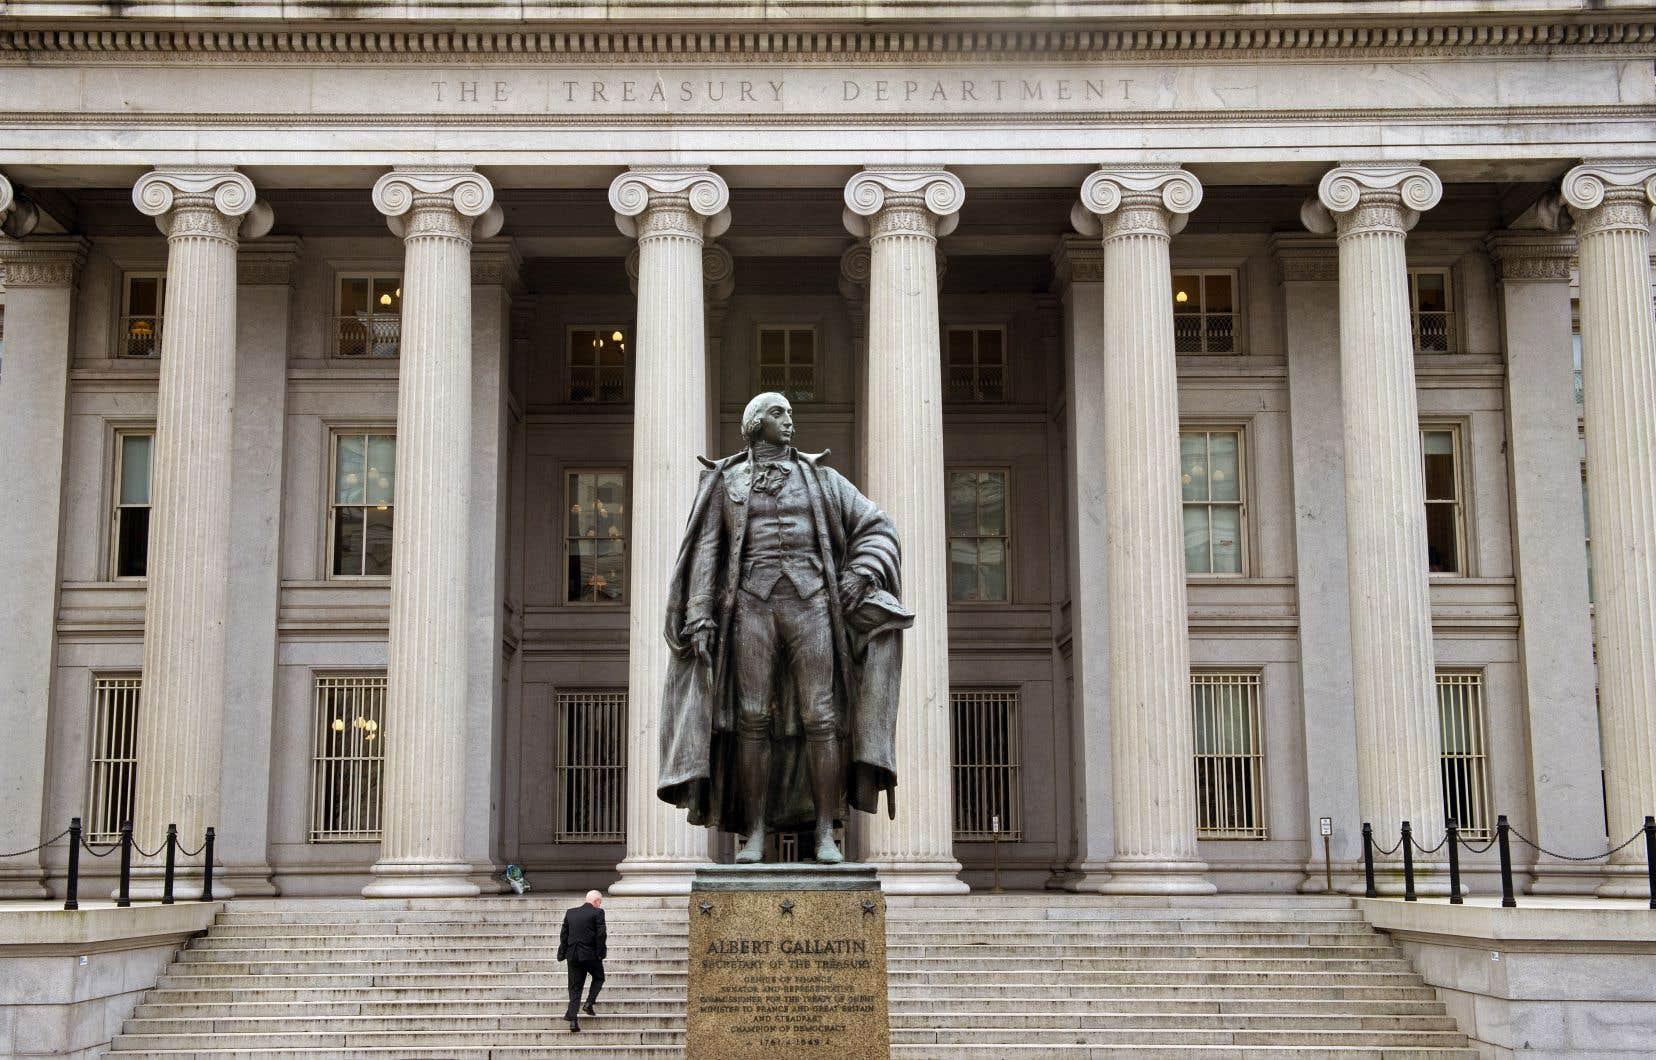 Le déficit de l'État fédéral pour l'exercice 2020 clos en septembre atteint 3132 milliards de dollars, contre 984milliards en 2019.